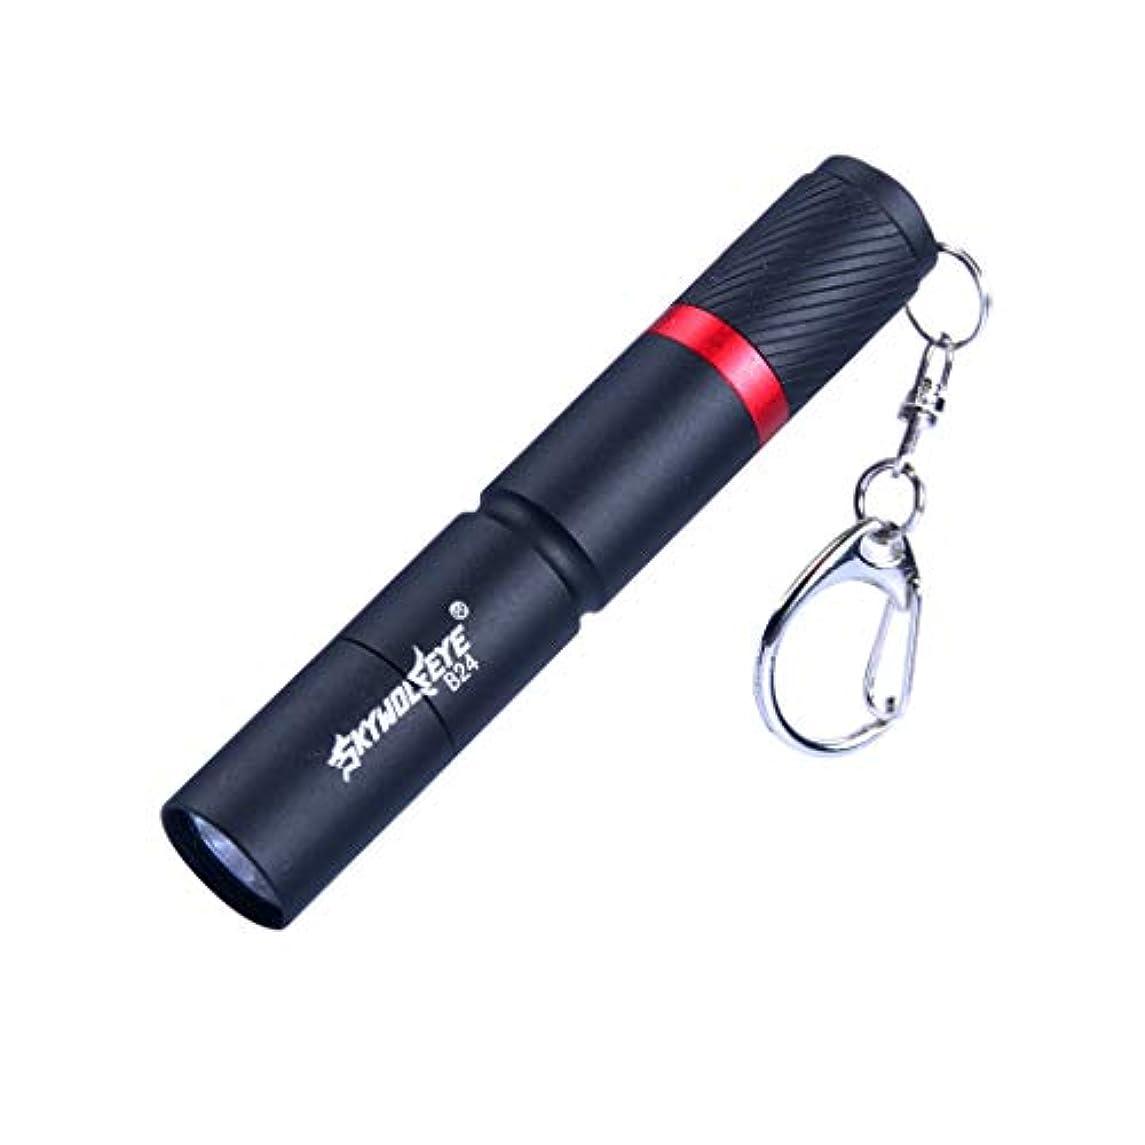 お酒ラケット処方するMini LED 懐中電灯 キーチェーン付きー 便利 3点灯モード TangQI 充電式 調節可能な焦点距離 単四電池(含まれません) 多用途 防水 停電 地震 キャンプ 読書 ハイキング